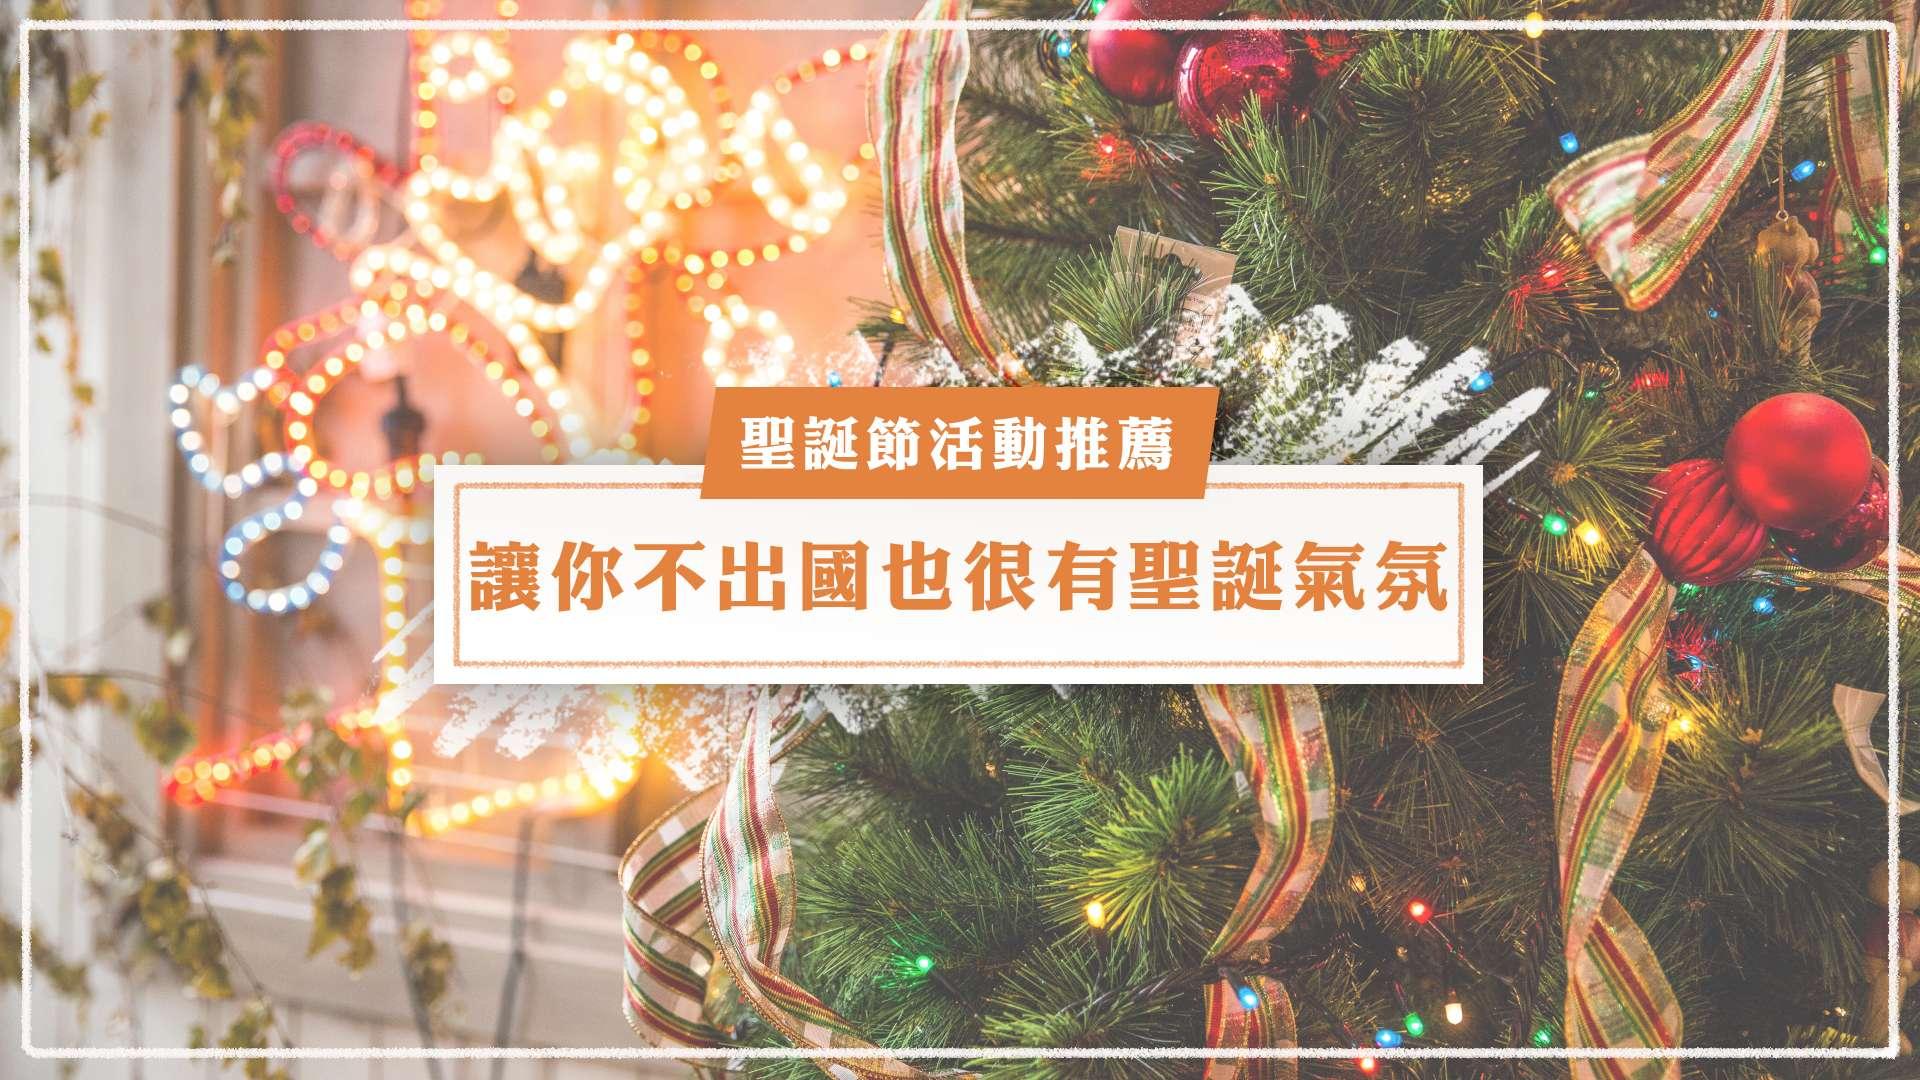 【聖誕節活動推薦】非情侶限定!讓你不出國也很有聖誕氣氛🎄